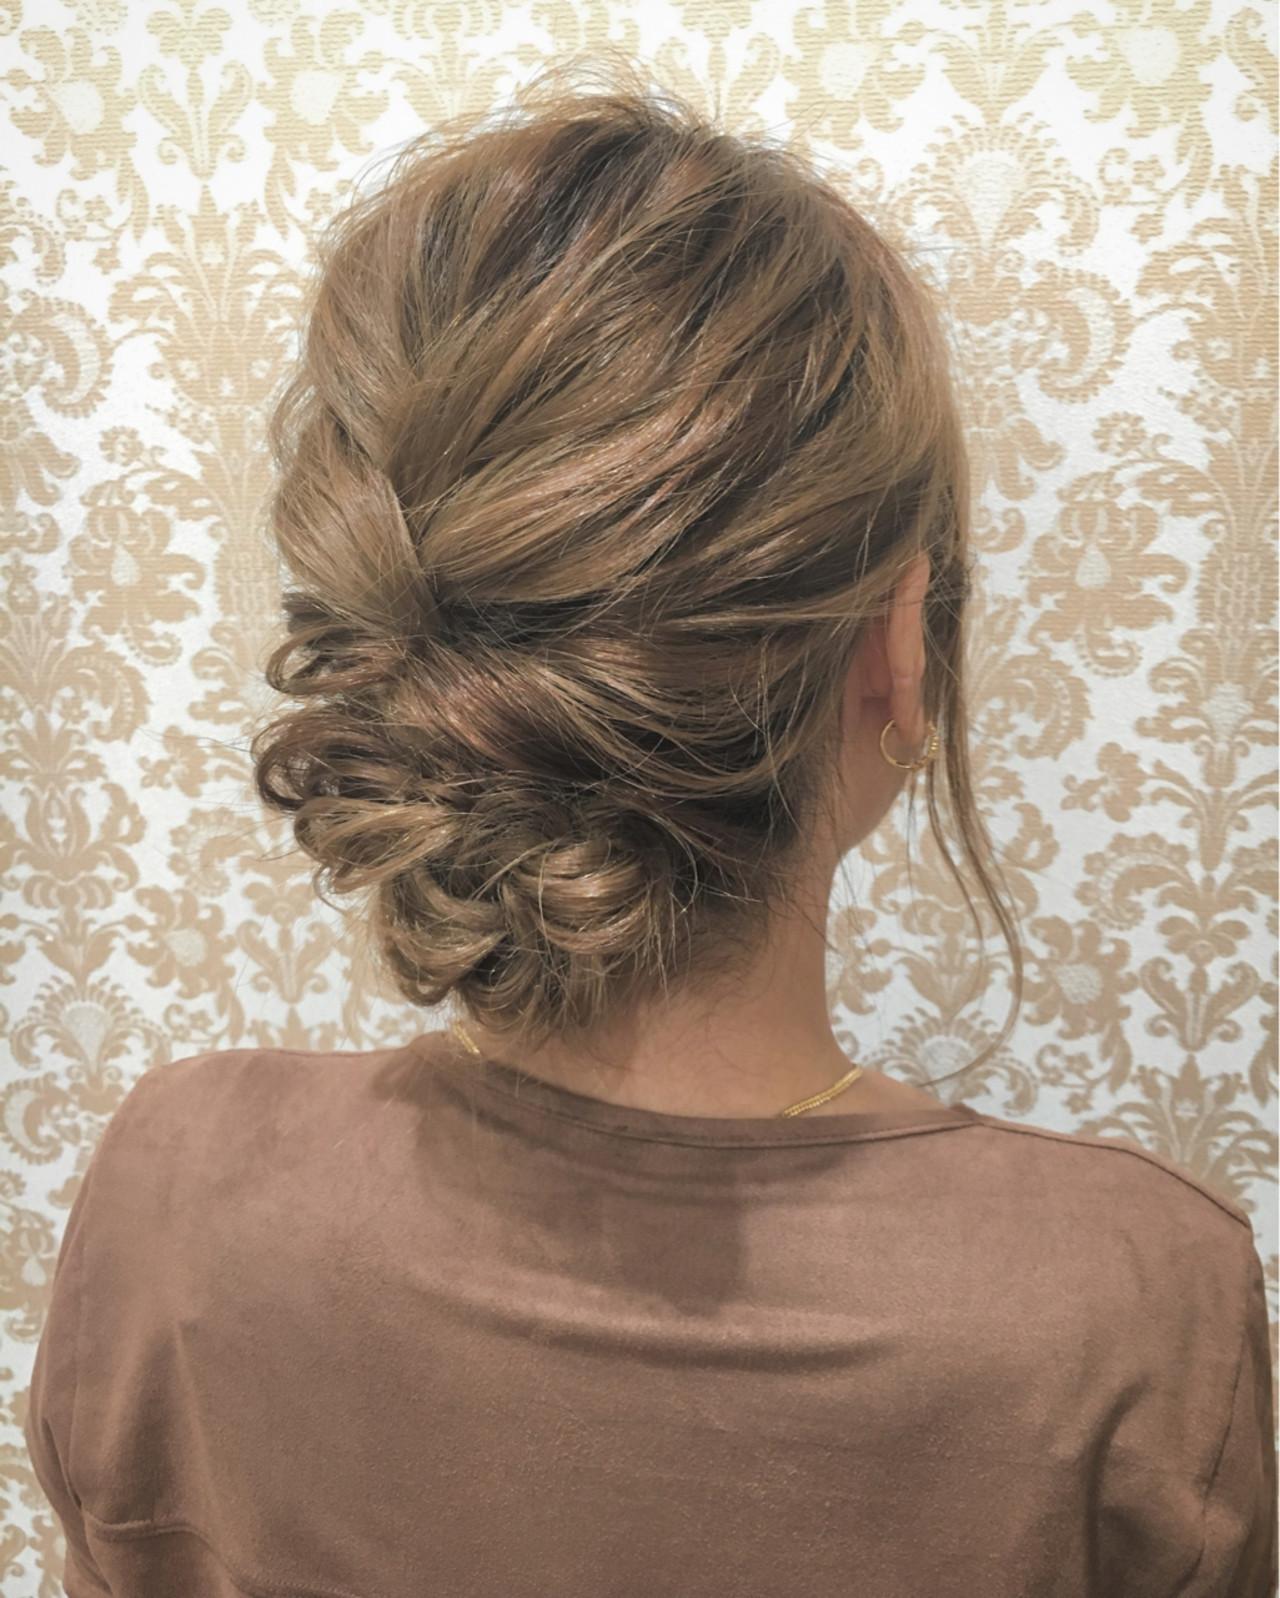 ショート 簡単ヘアアレンジ 外国人風 大人女子 ヘアスタイルや髪型の写真・画像